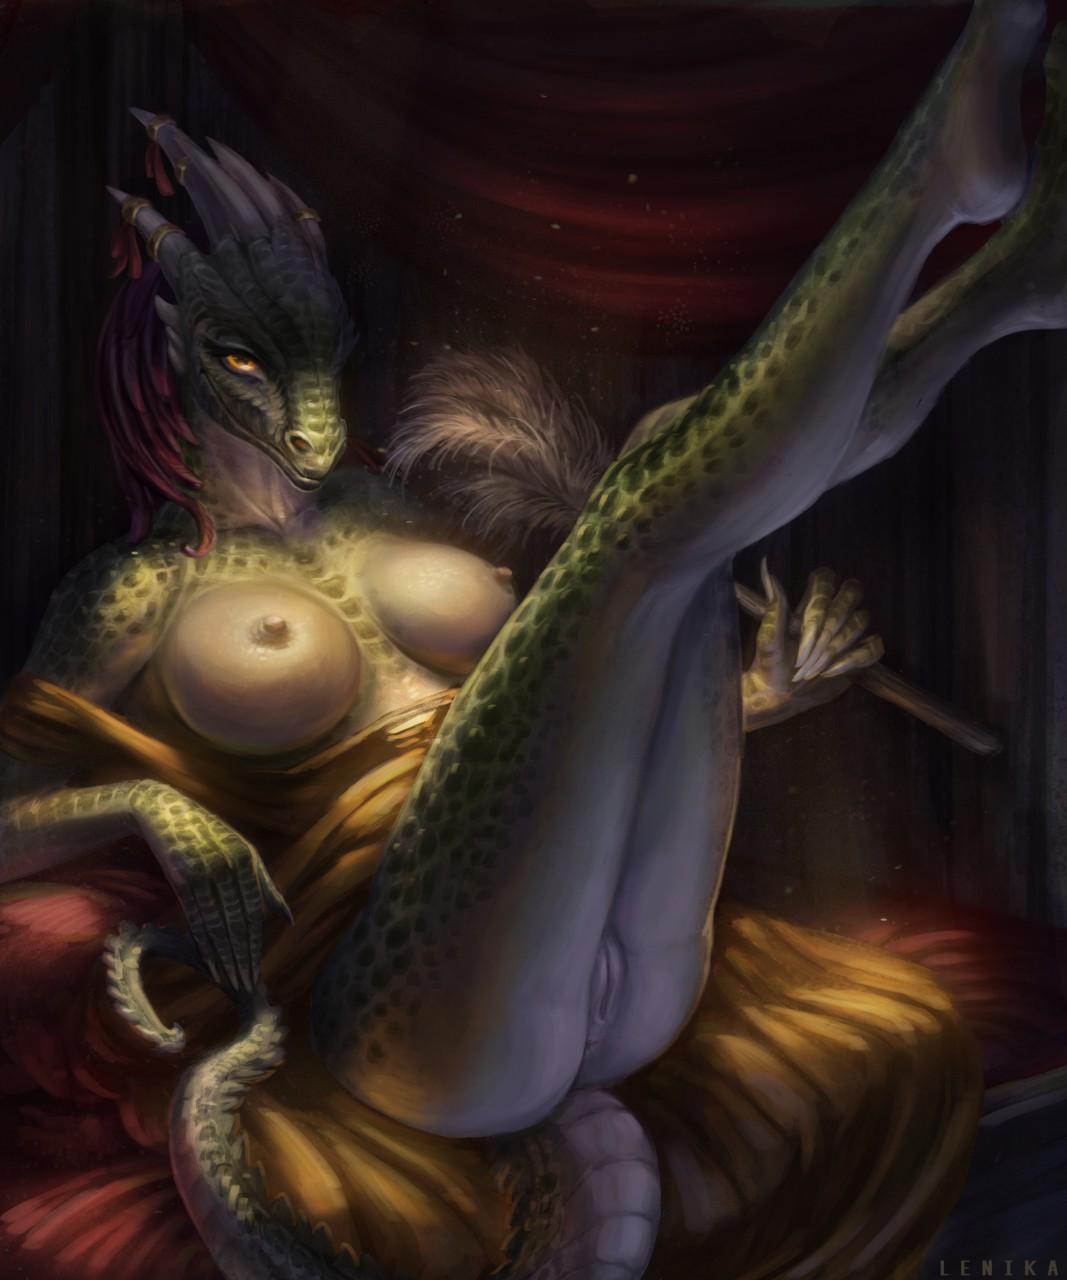 skyrim lusty argonian maid porn Final fantasy 13-2 nude mod